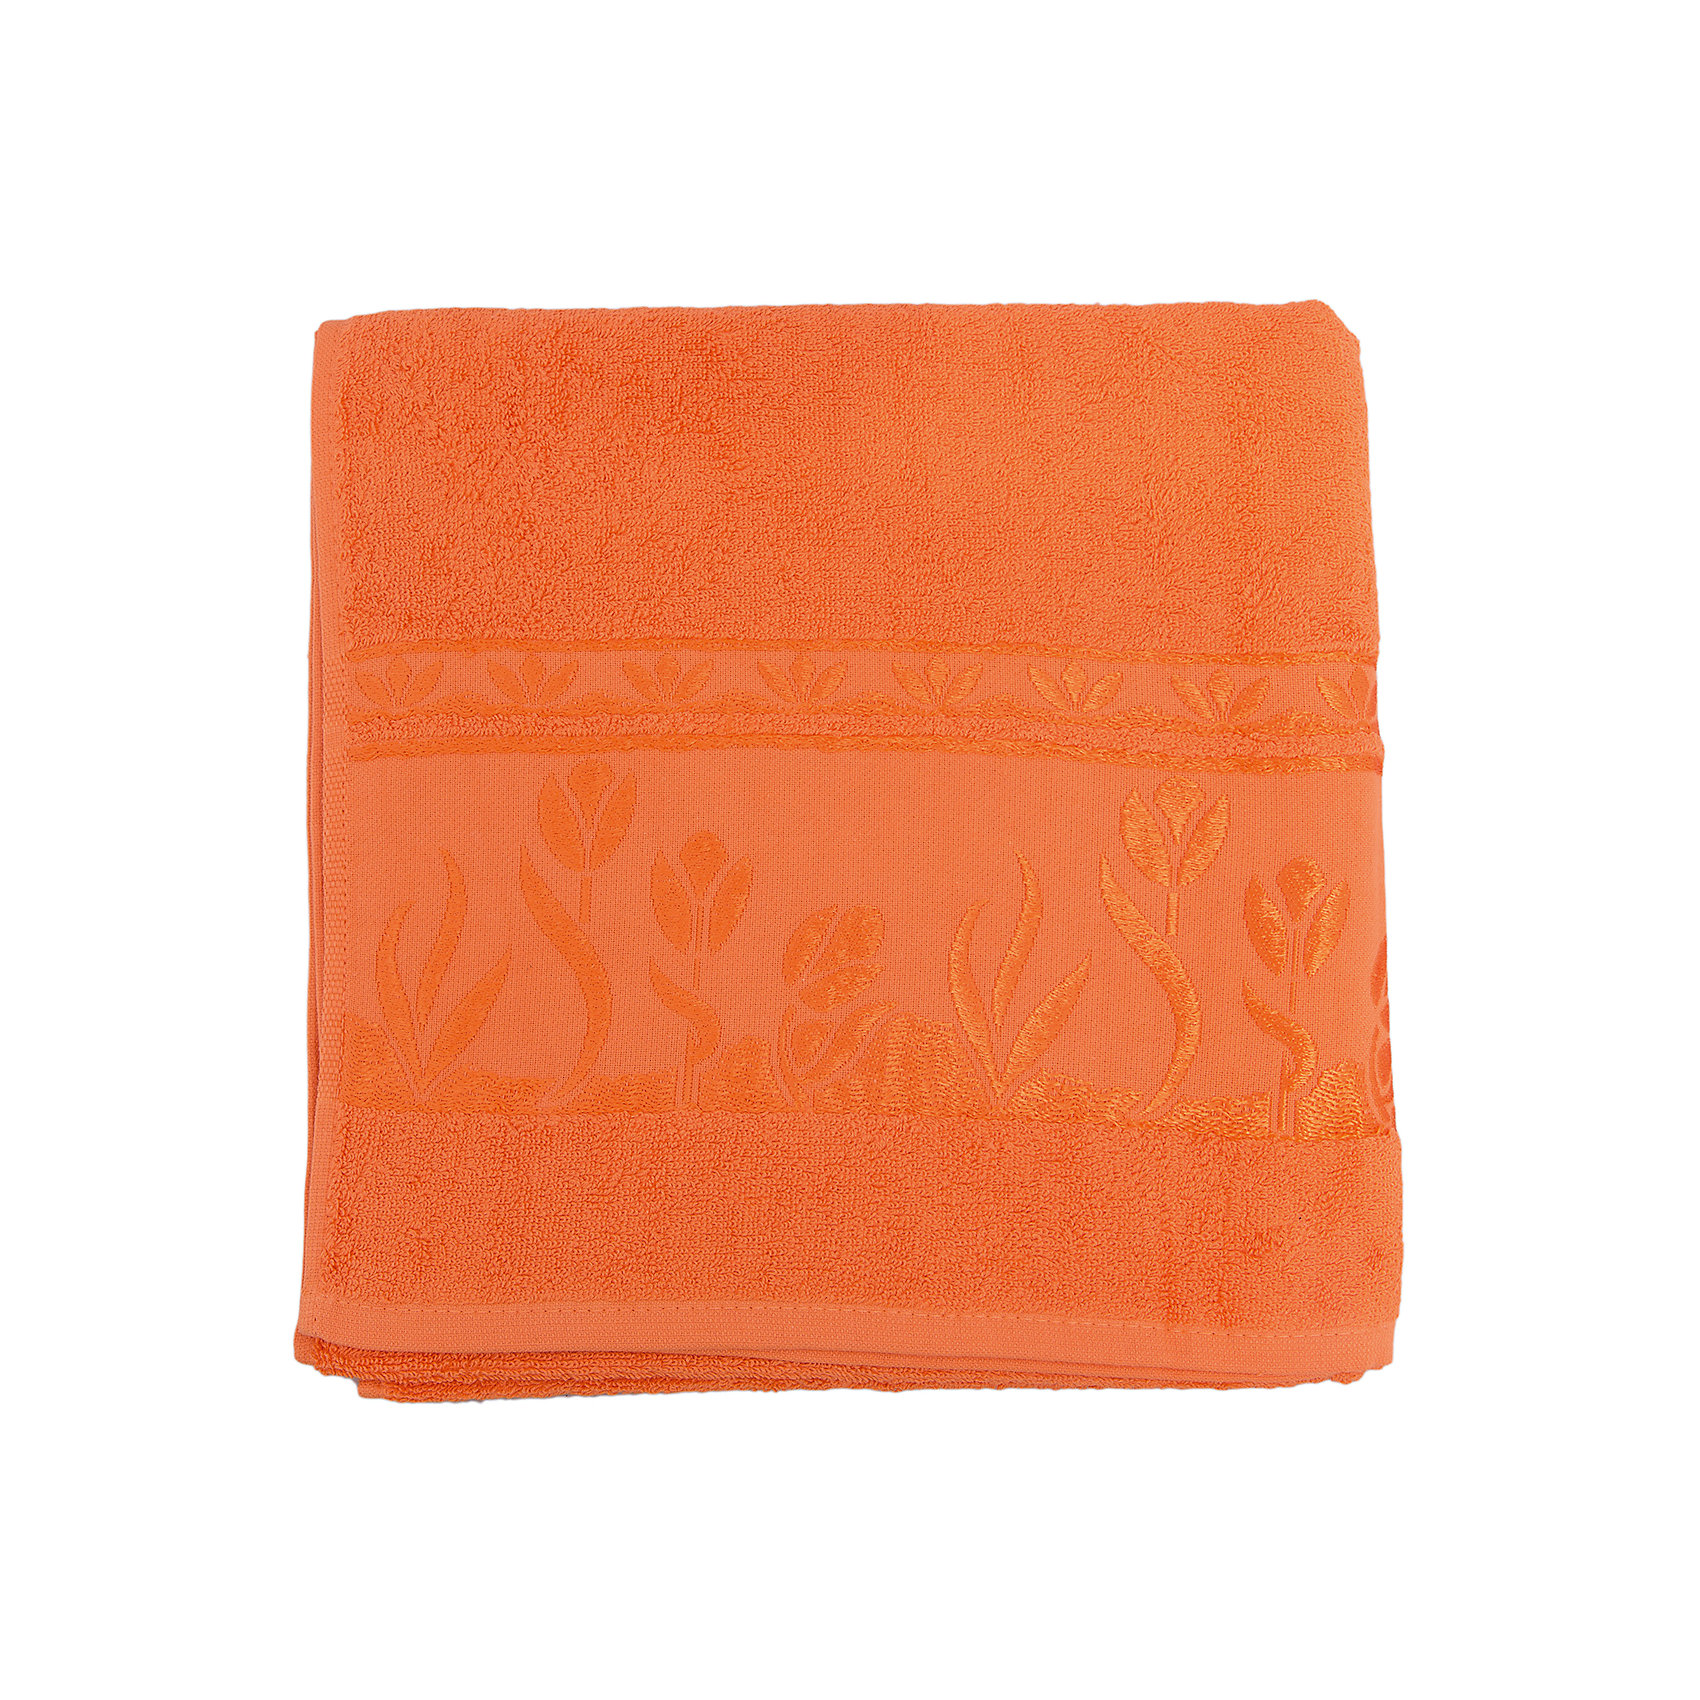 Полотенце махровое Tulips 70*140, Португалия, оранжевыйTulips - махровое полотенце из натурального качественного хлопка. Она хорошо впитает влагу и подарит вам ощущение мягкости после водных процедур. Полотенце износостойкое и хорошо сохраняет цвет. Украшено жаккардовым узором. <br><br>Дополнительная информация:<br>Материал: 100% хлопок<br>Плотность: 500 г/м2<br>Размер: 70х140 см<br>Цвет: оранжевый<br>Торговая марка: Португалия<br><br>Вы можете приобрести махровое полотенце Tulips  в нашем интернет-магазине.<br><br>Ширина мм: 500<br>Глубина мм: 500<br>Высота мм: 200<br>Вес г: 400<br>Возраст от месяцев: 0<br>Возраст до месяцев: 144<br>Пол: Унисекс<br>Возраст: Детский<br>SKU: 5010985